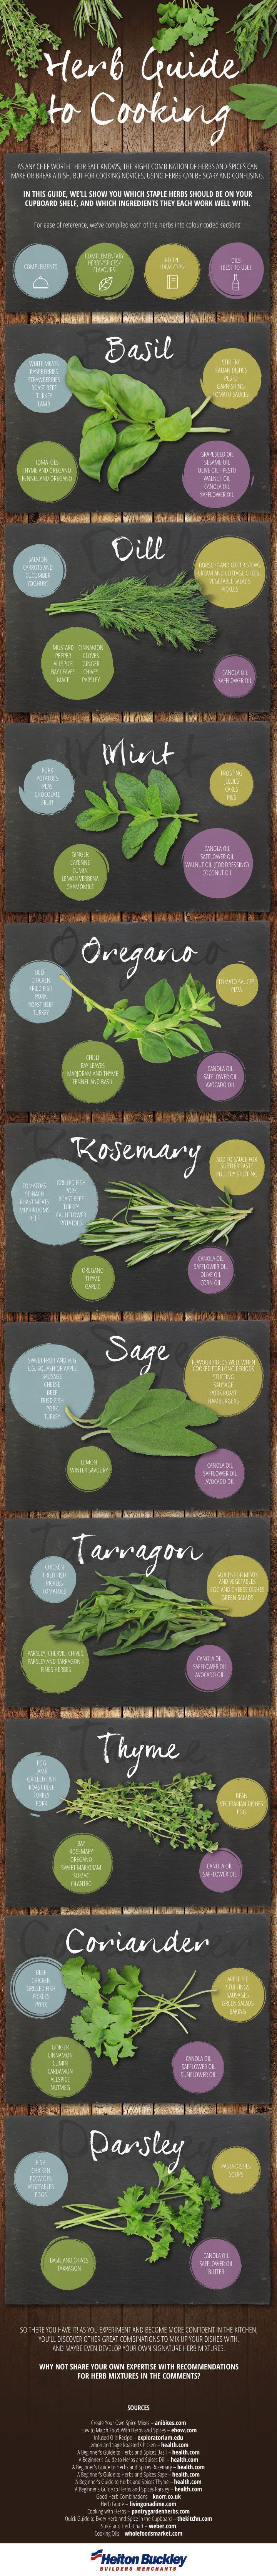 Guia para o uso de ervas na cozinha: manjericão - endro - hortelã - orégano - alecrim - sálvia - estragão - tomilho - coentro - salsa